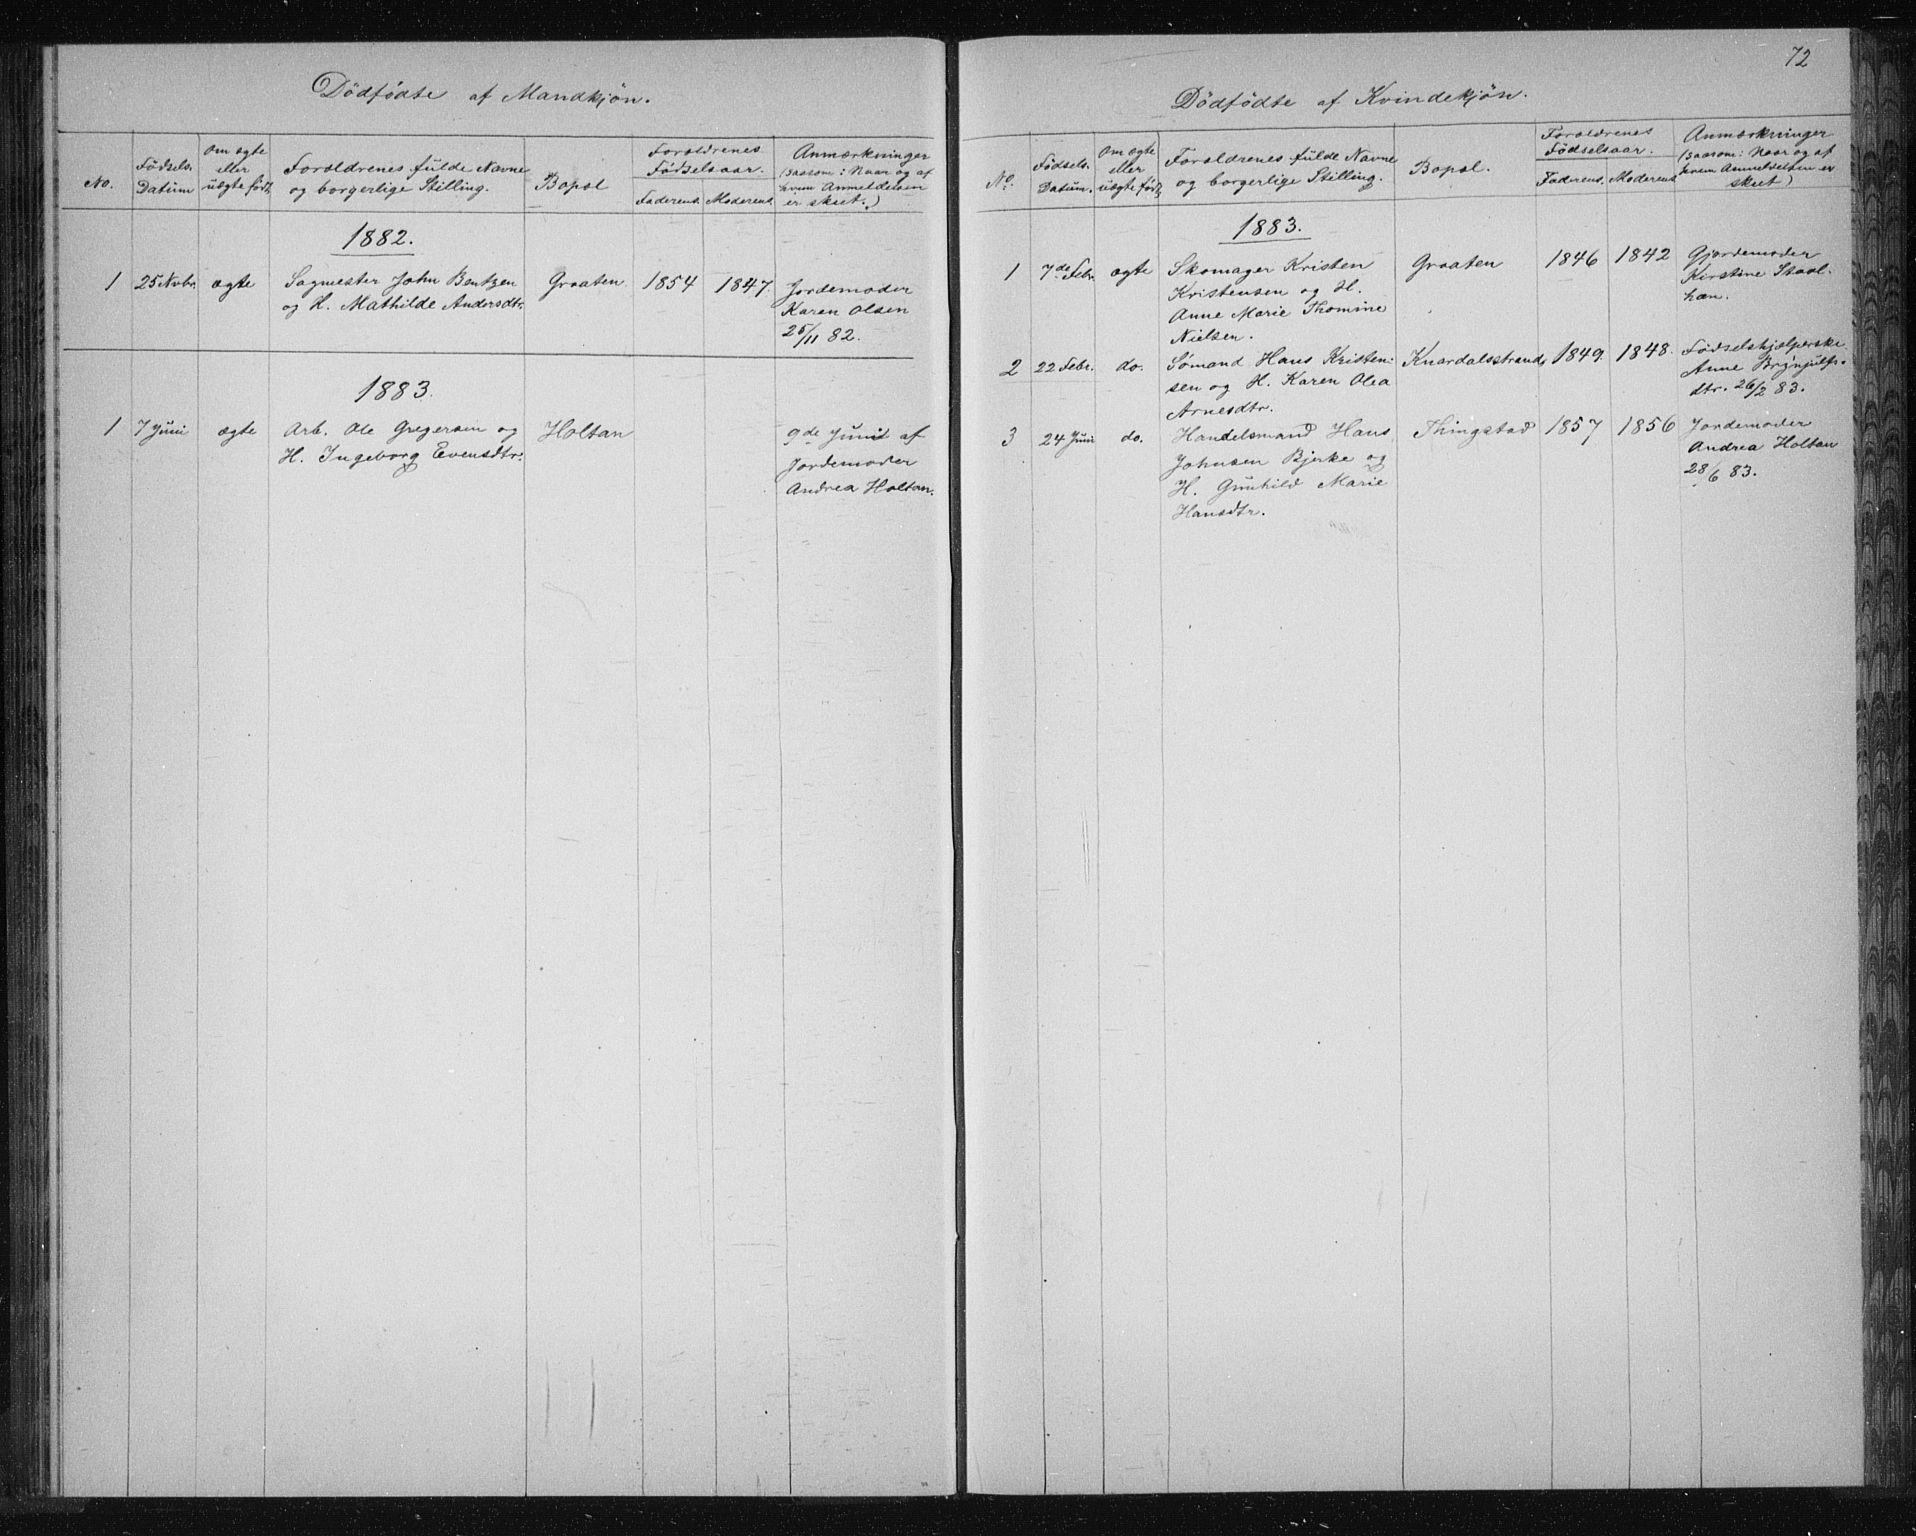 SAKO, Solum kirkebøker, G/Ga/L0006: Klokkerbok nr. I 6, 1882-1883, s. 72